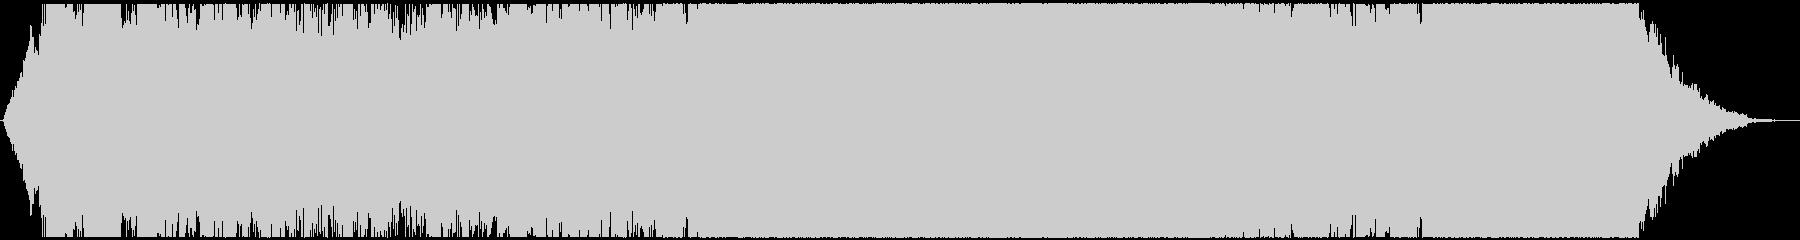 ドローン クール02の未再生の波形